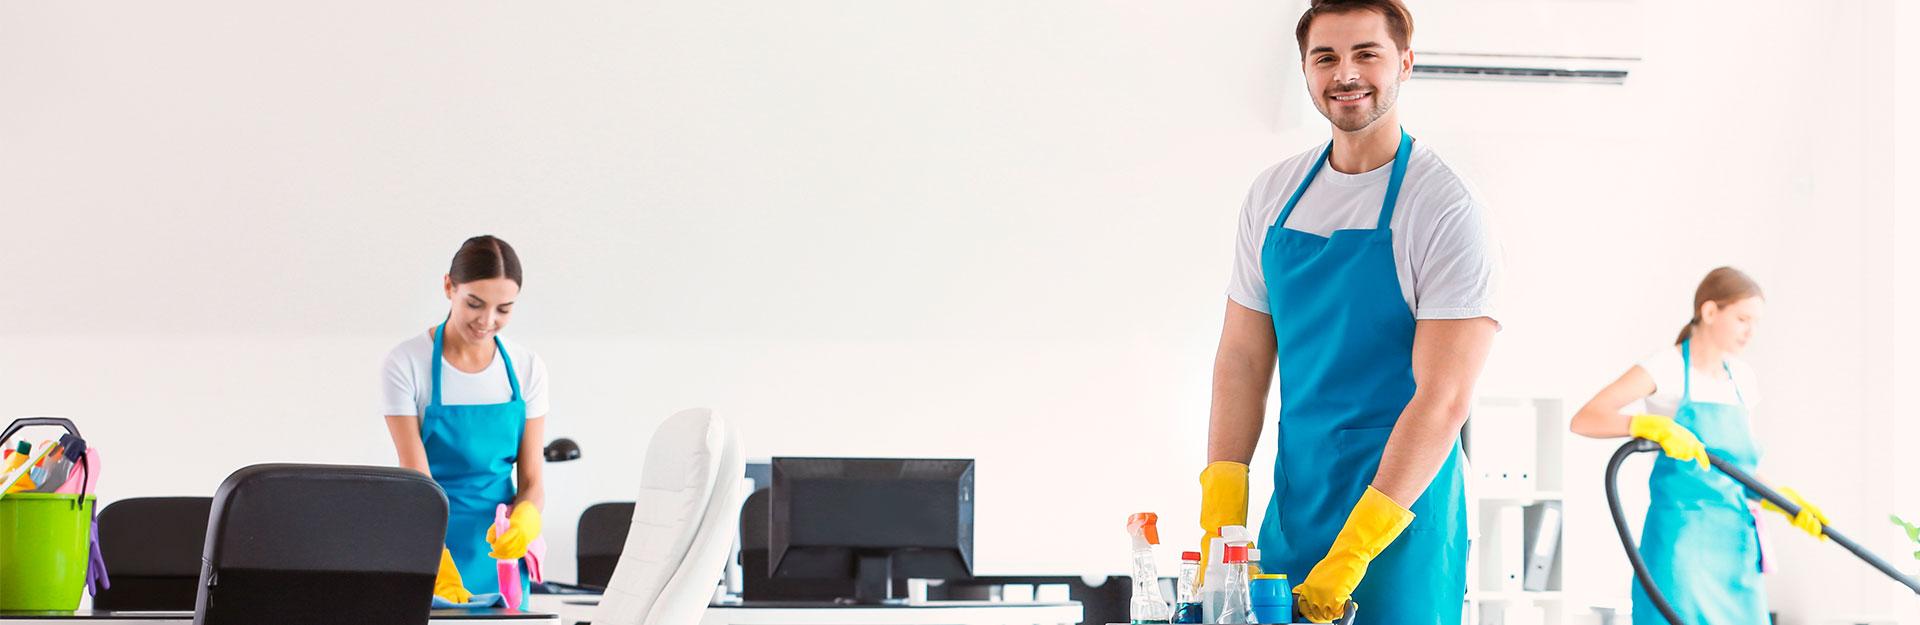 Unos empleados ofrecen un servicio de limpieza en unas oficinas.